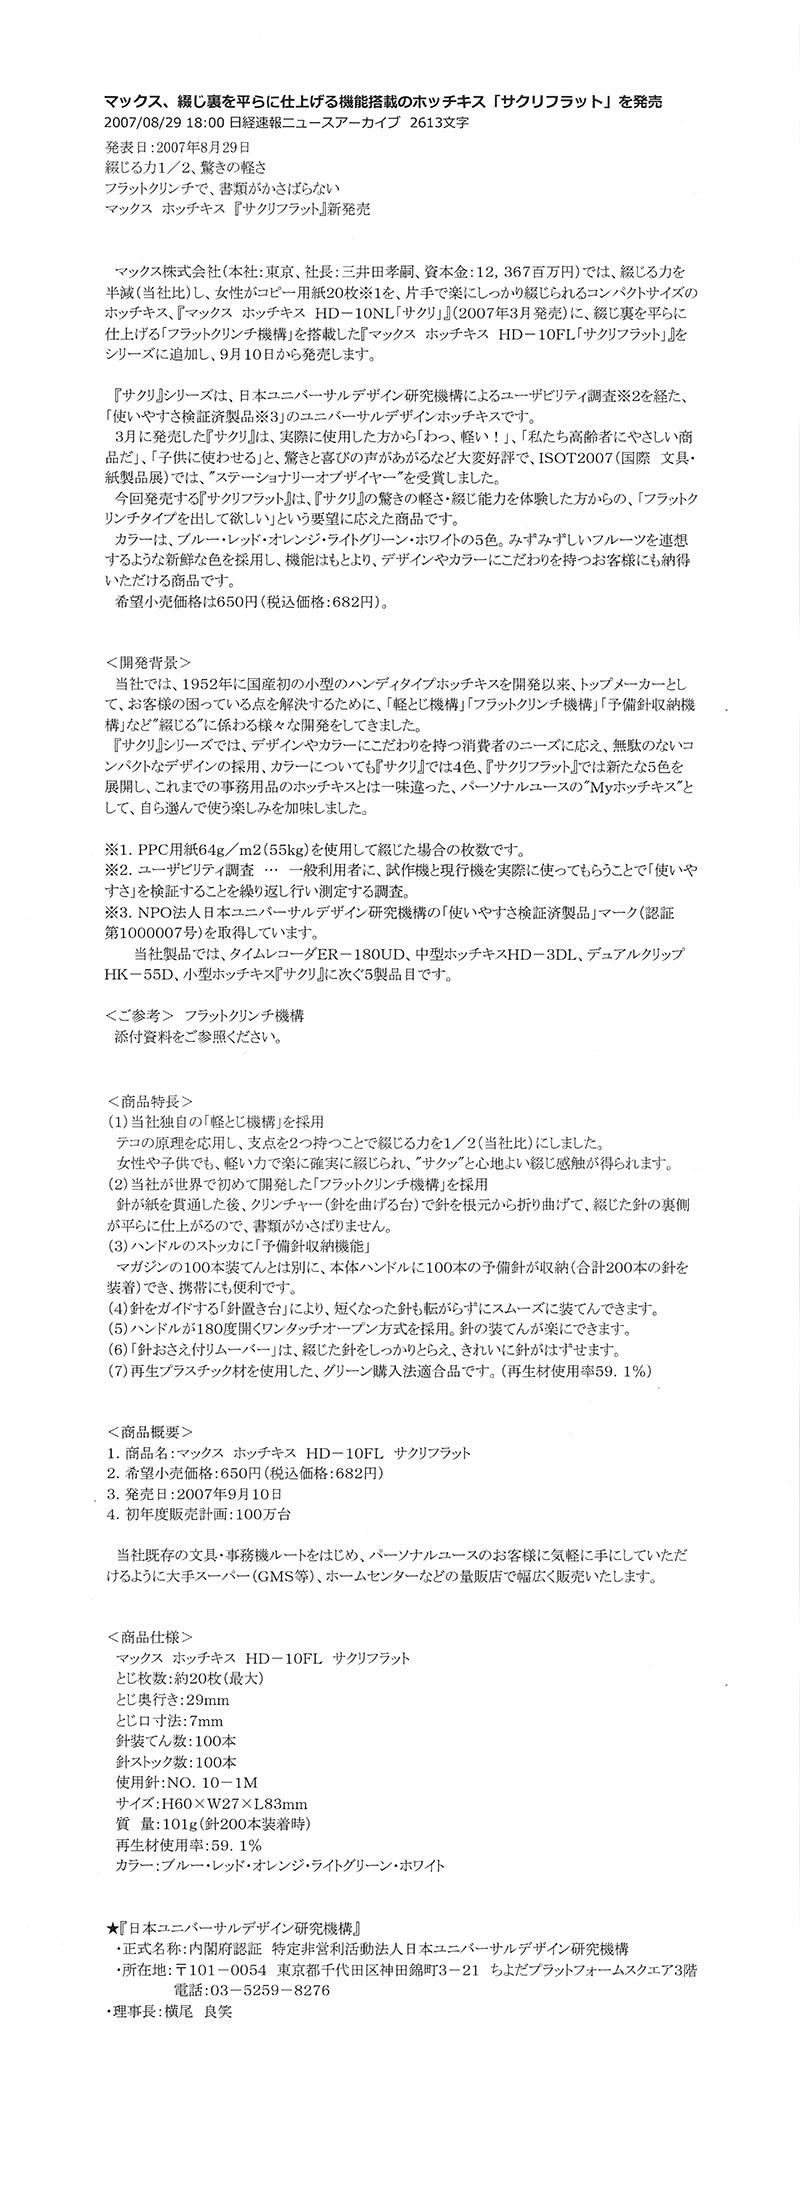 日経速報ニュース 2007年8月29日